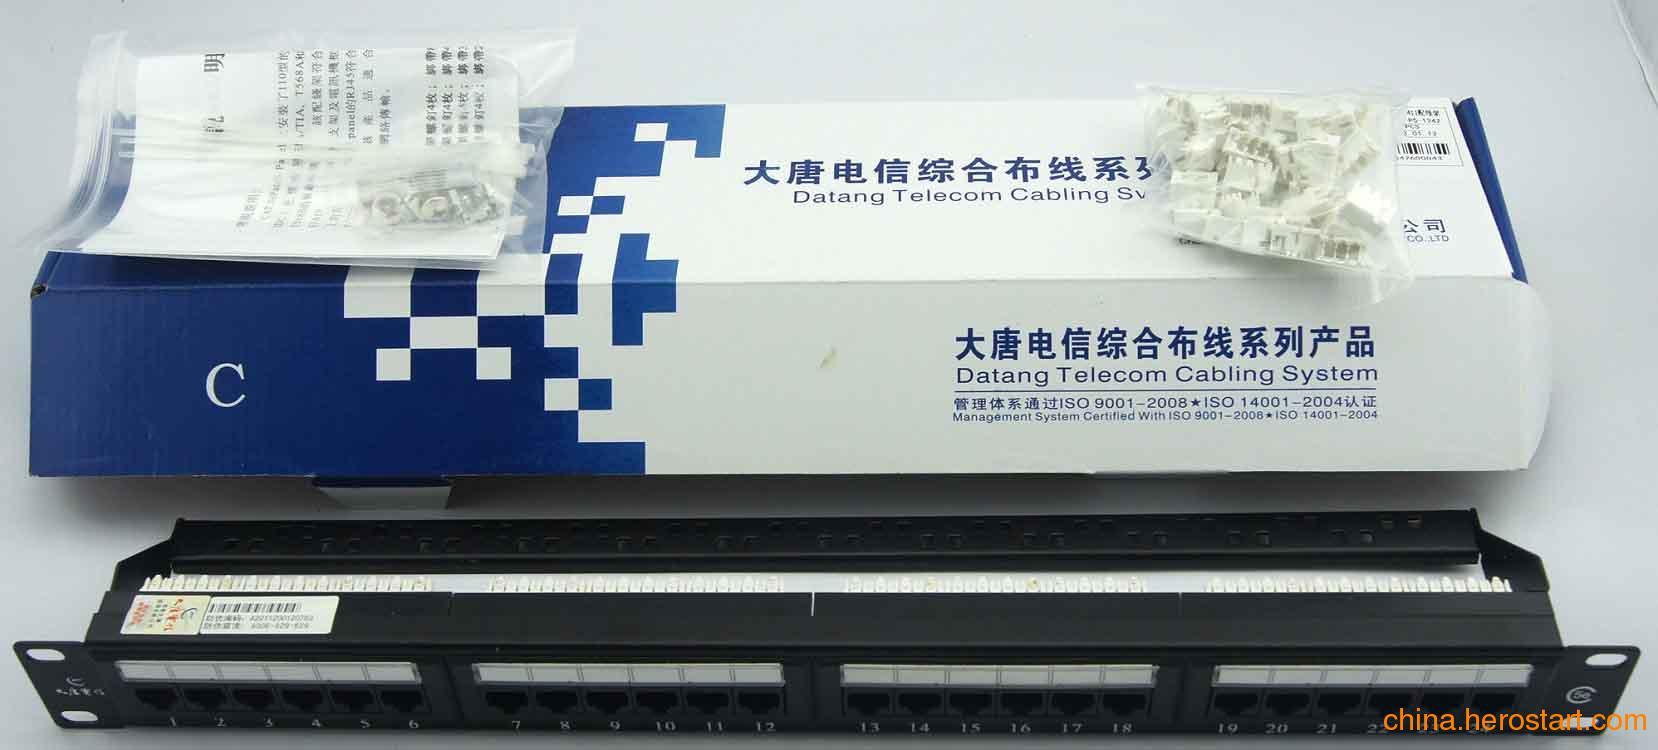 供应大唐电信超五类24口配线架型号DTT-P5-1242 48口配线架